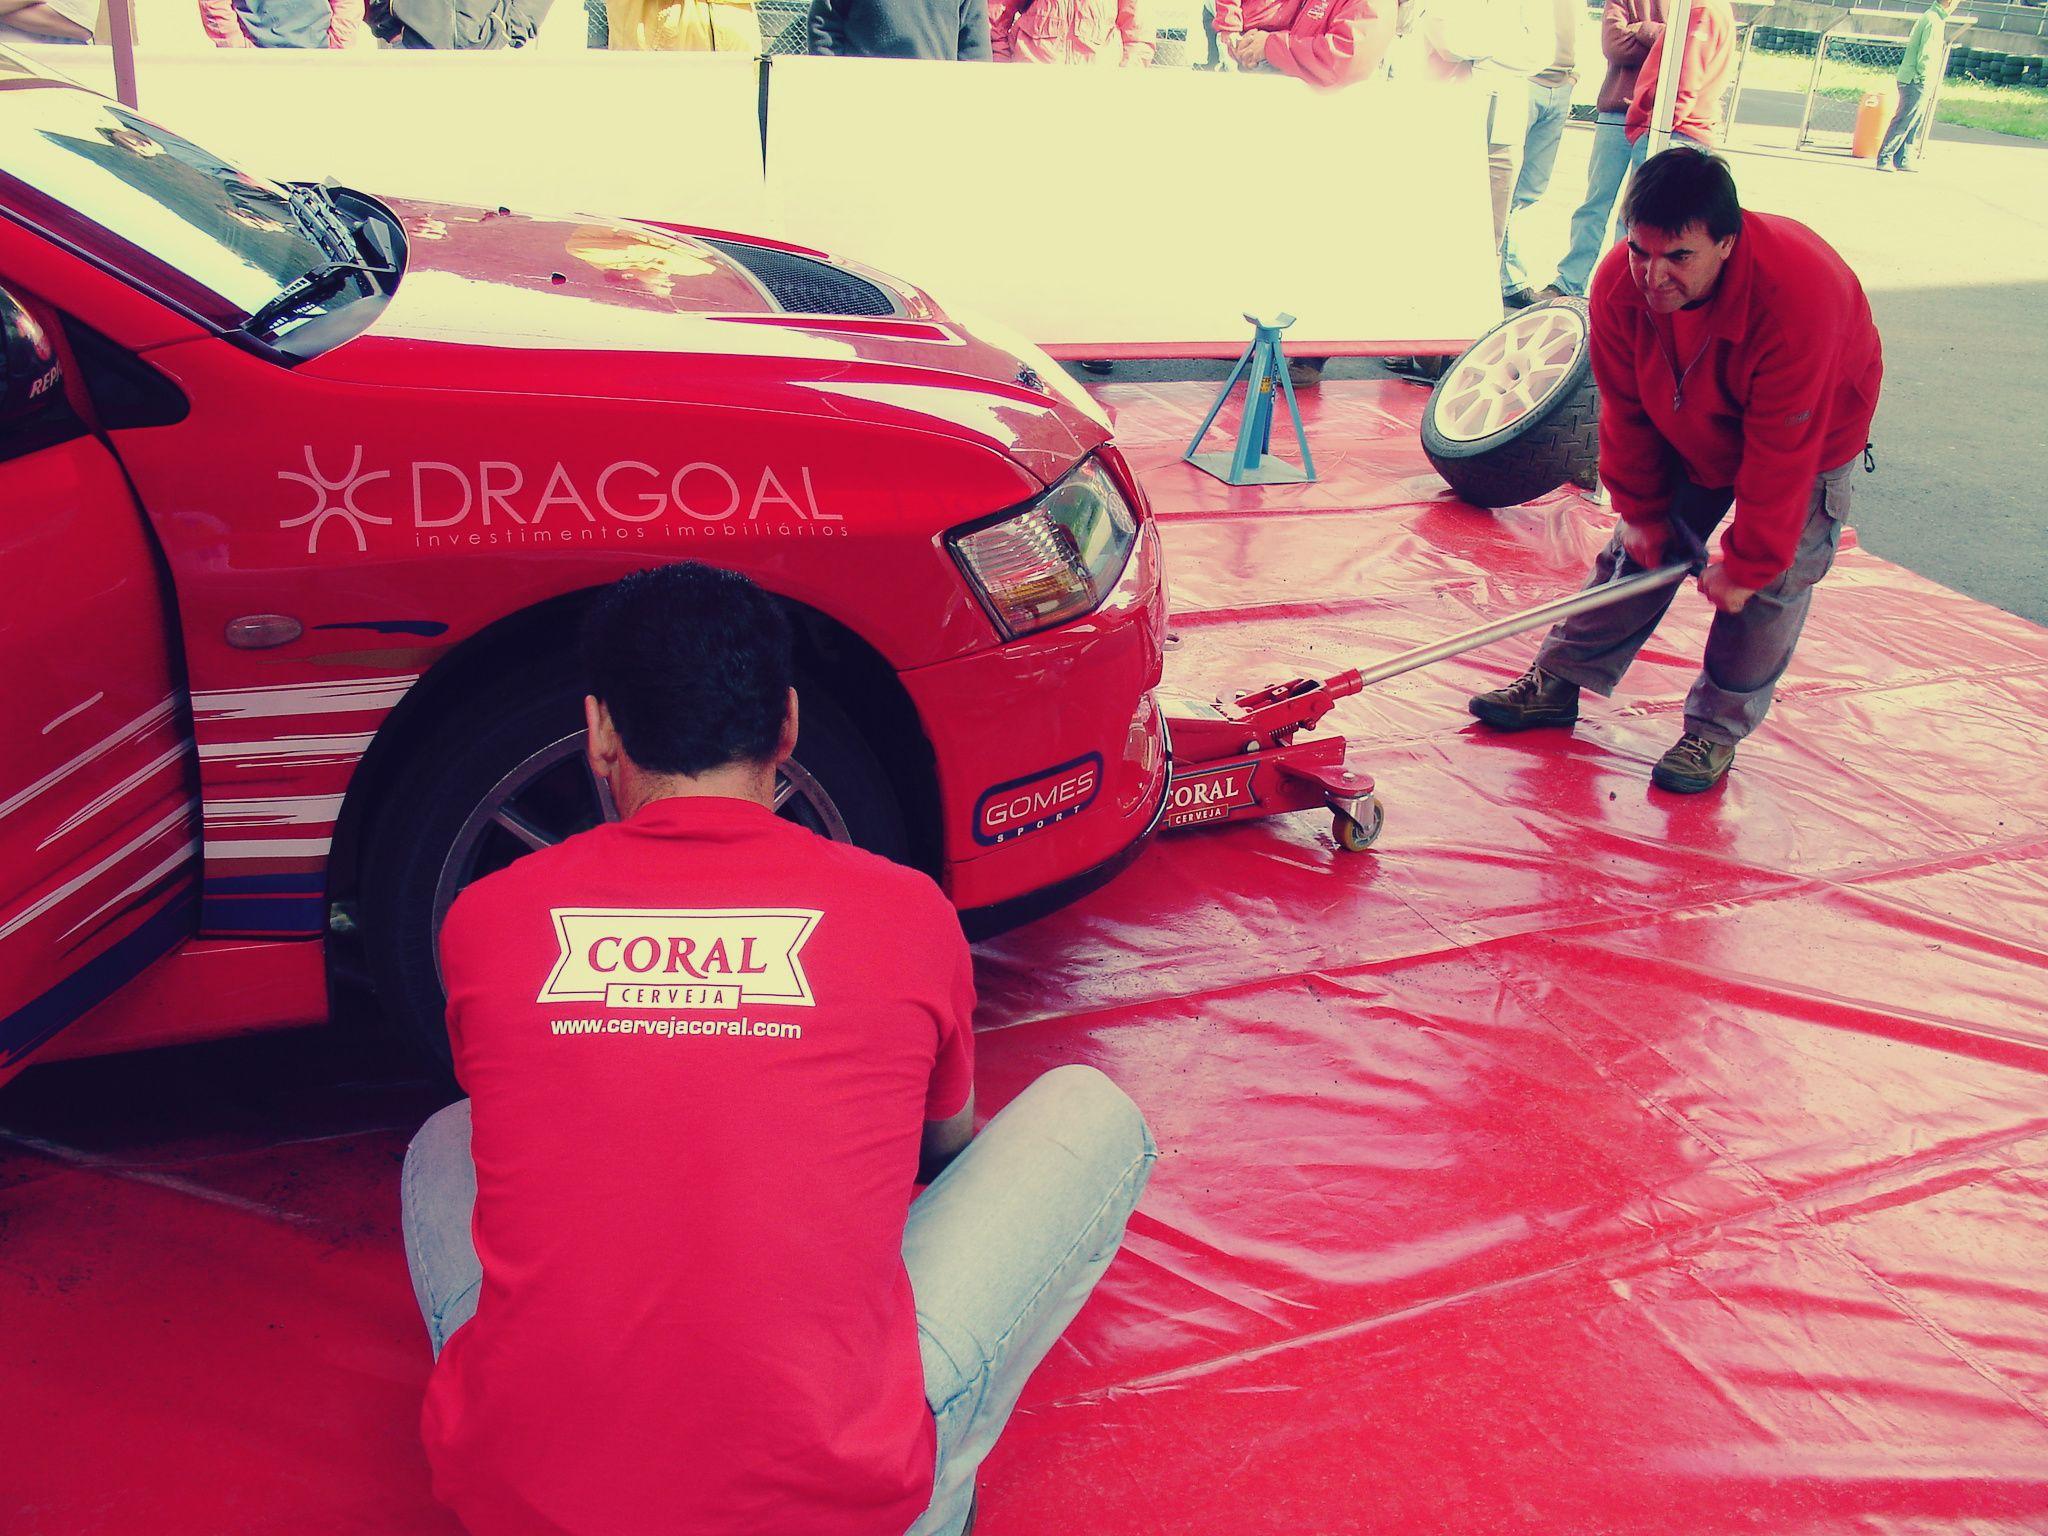 Campeonato Rali CORAL - Bernardo Sousa - Faial #CervejaCoral #Rally #Madeira